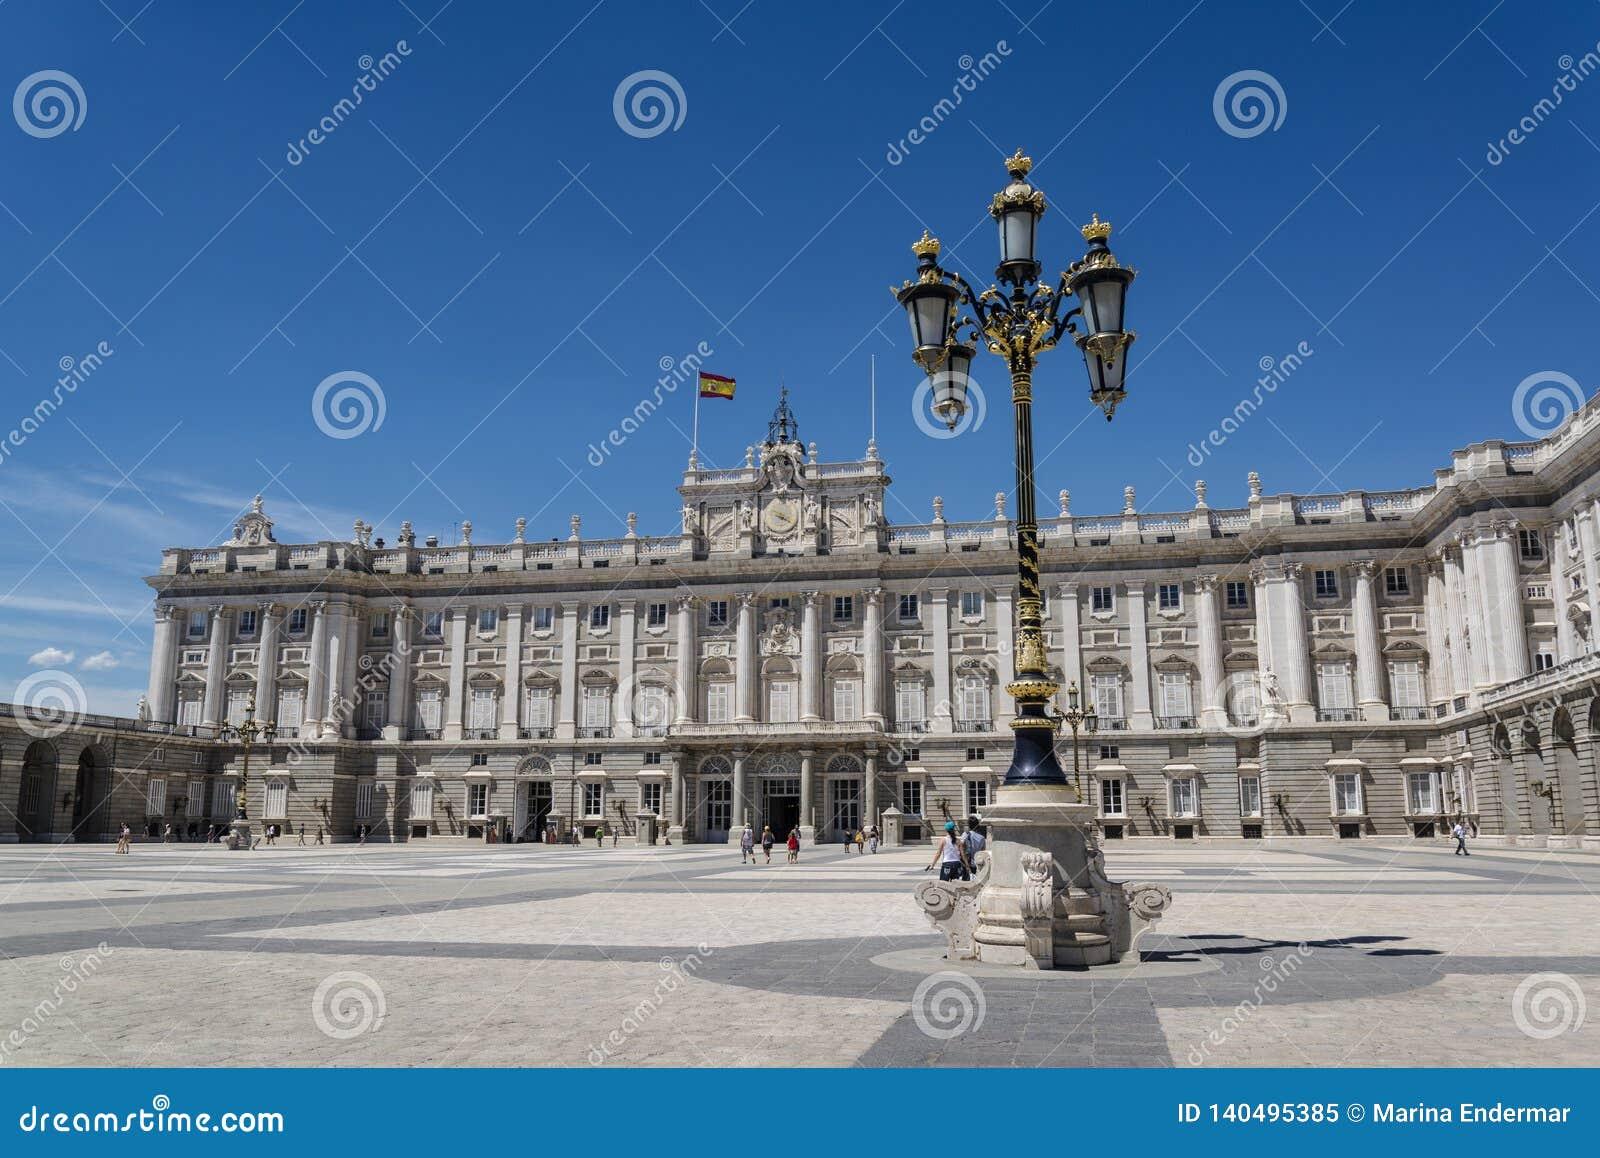 马德里,马德里,西班牙王宫